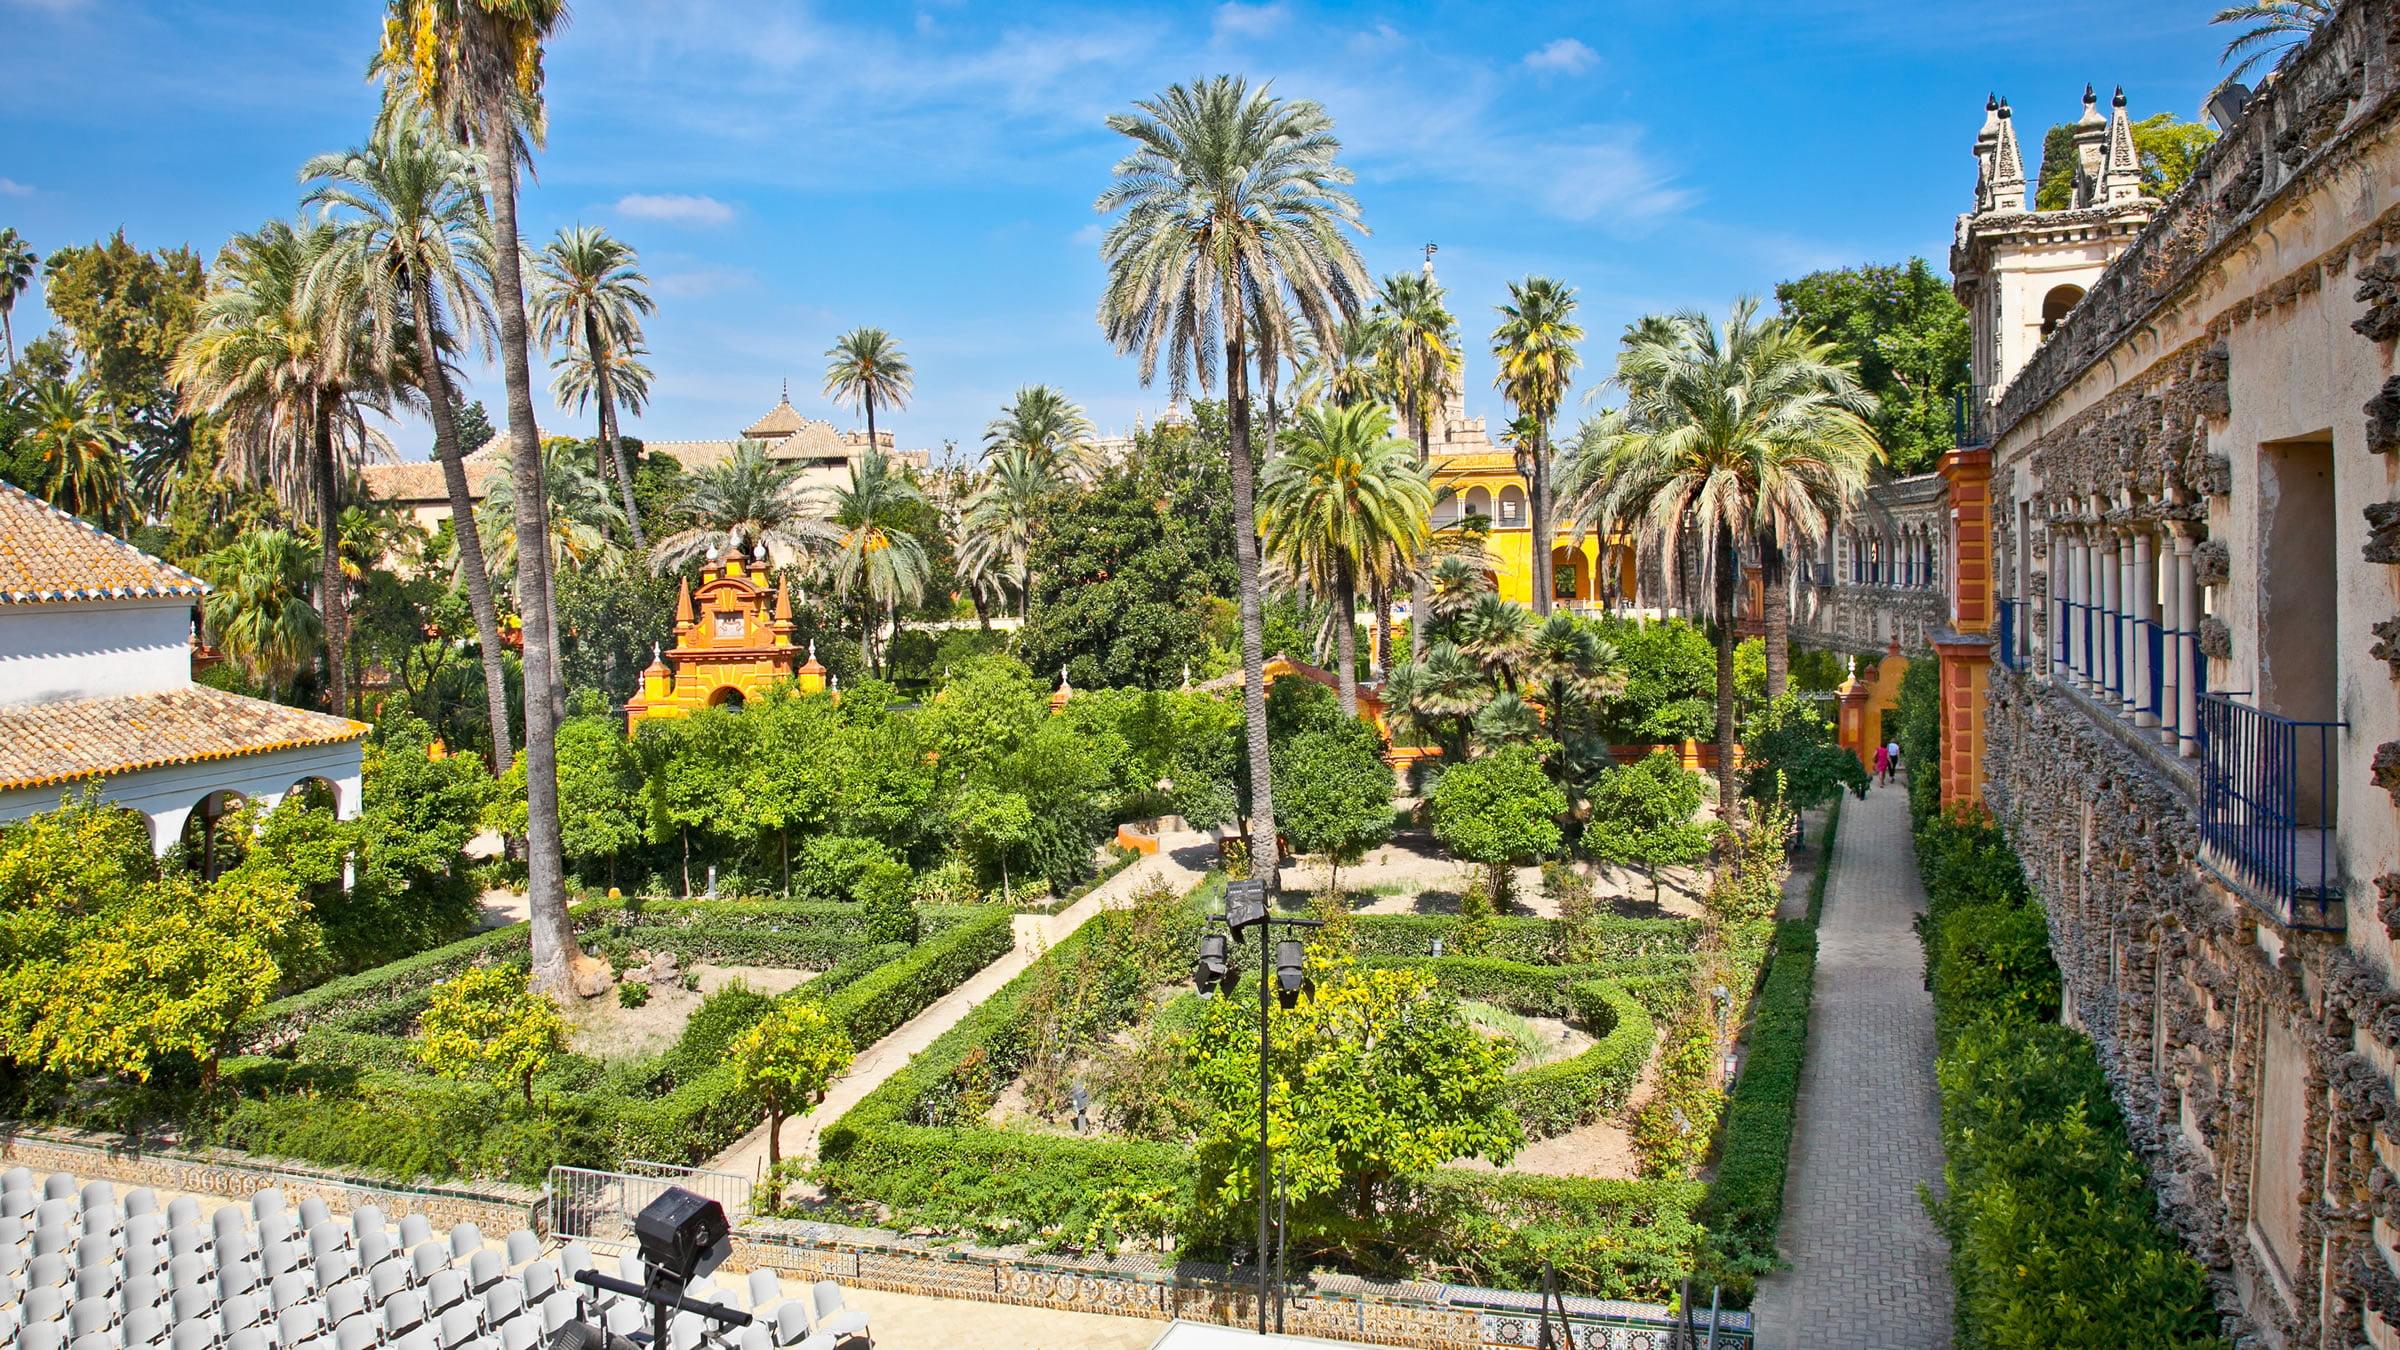 Jardines de los reales alc zares de sevilla for Jardines verticales sevilla